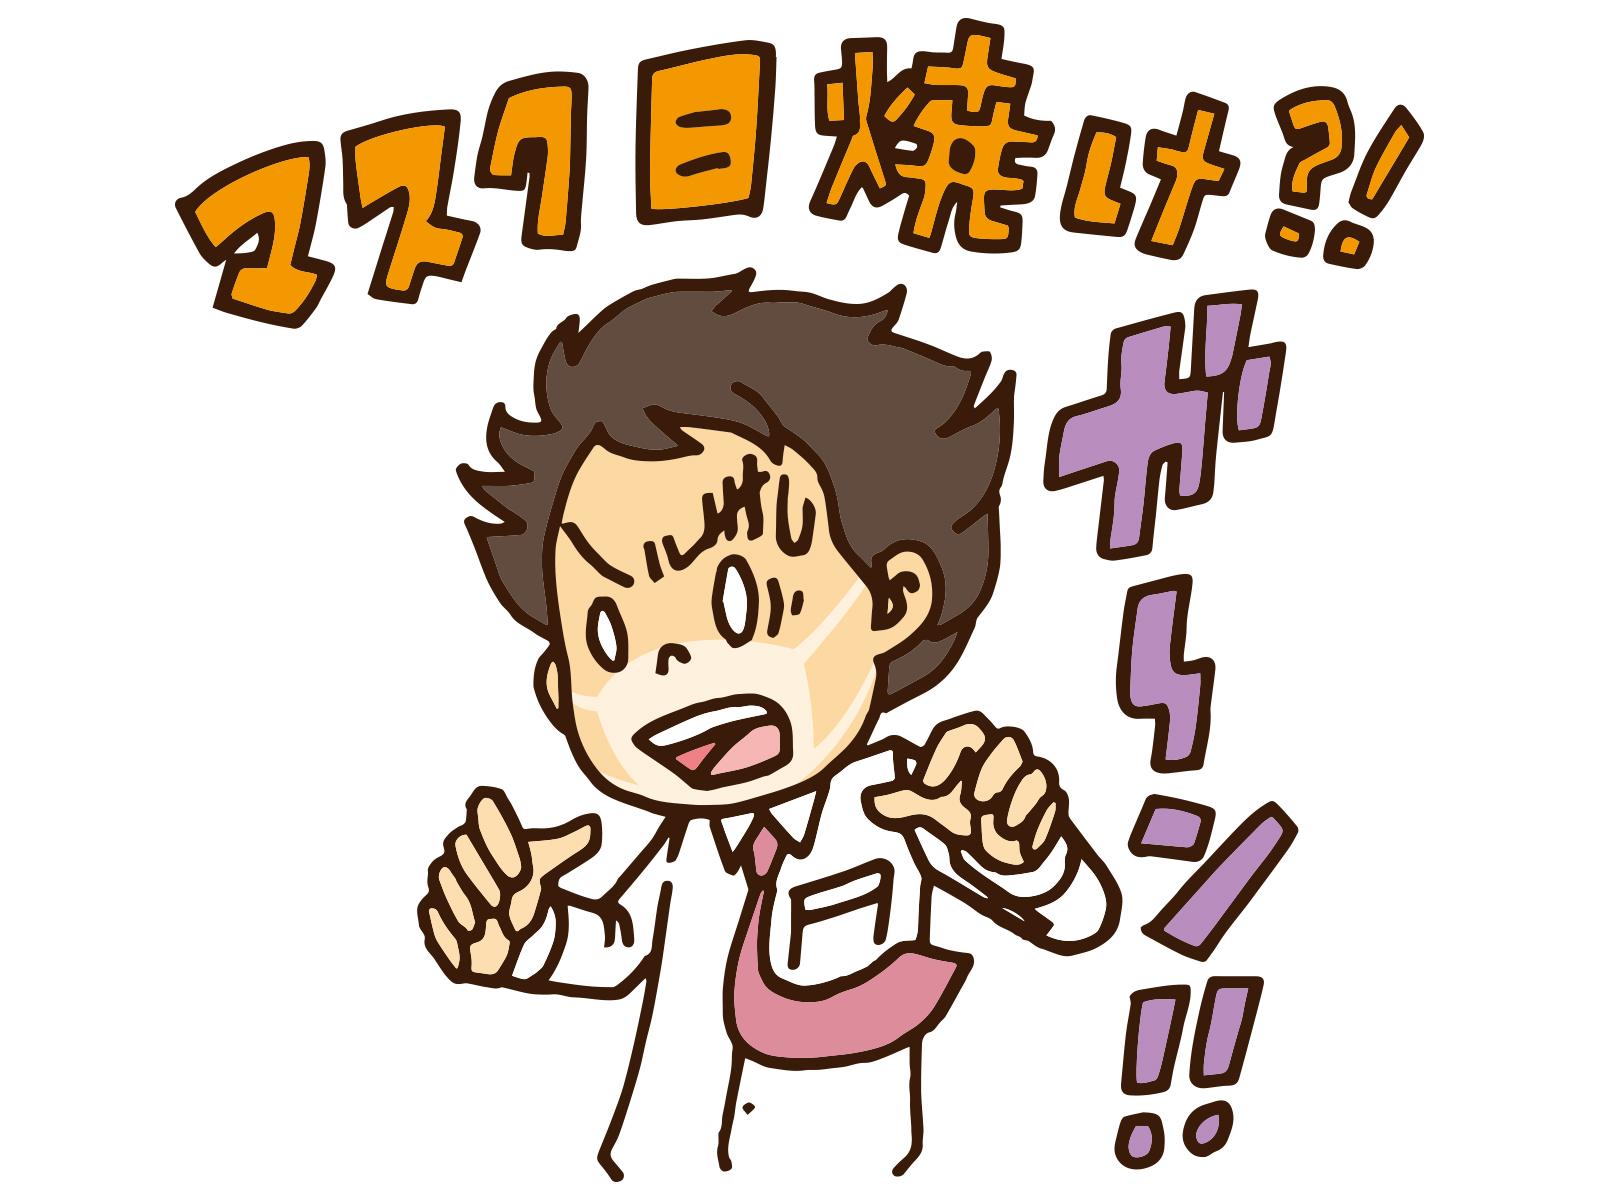 【コロナ対策】夏のマスク日焼け対策は大丈夫?男性営業職は要注意!